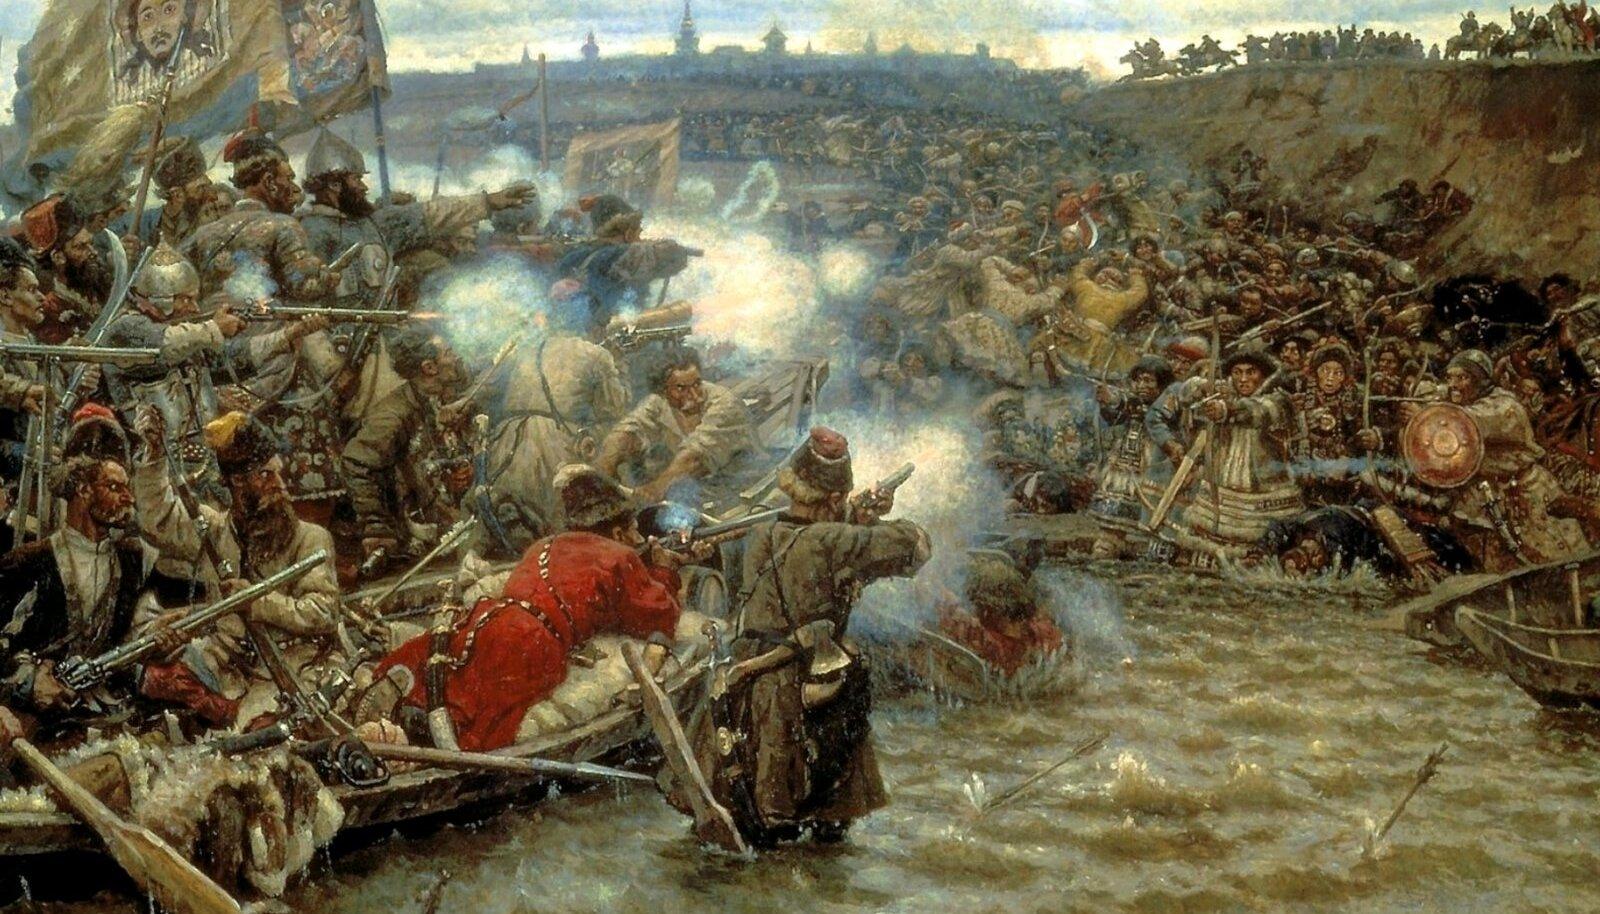 Siberi alistajaks loetakse kasakat Jermaki, kes alistas 1598 Siberi khaaniriigi. Tegelikult jätkus Siberi allutamine veel järgmistel sajanditel ja selles lõid kaasa ka eestlased